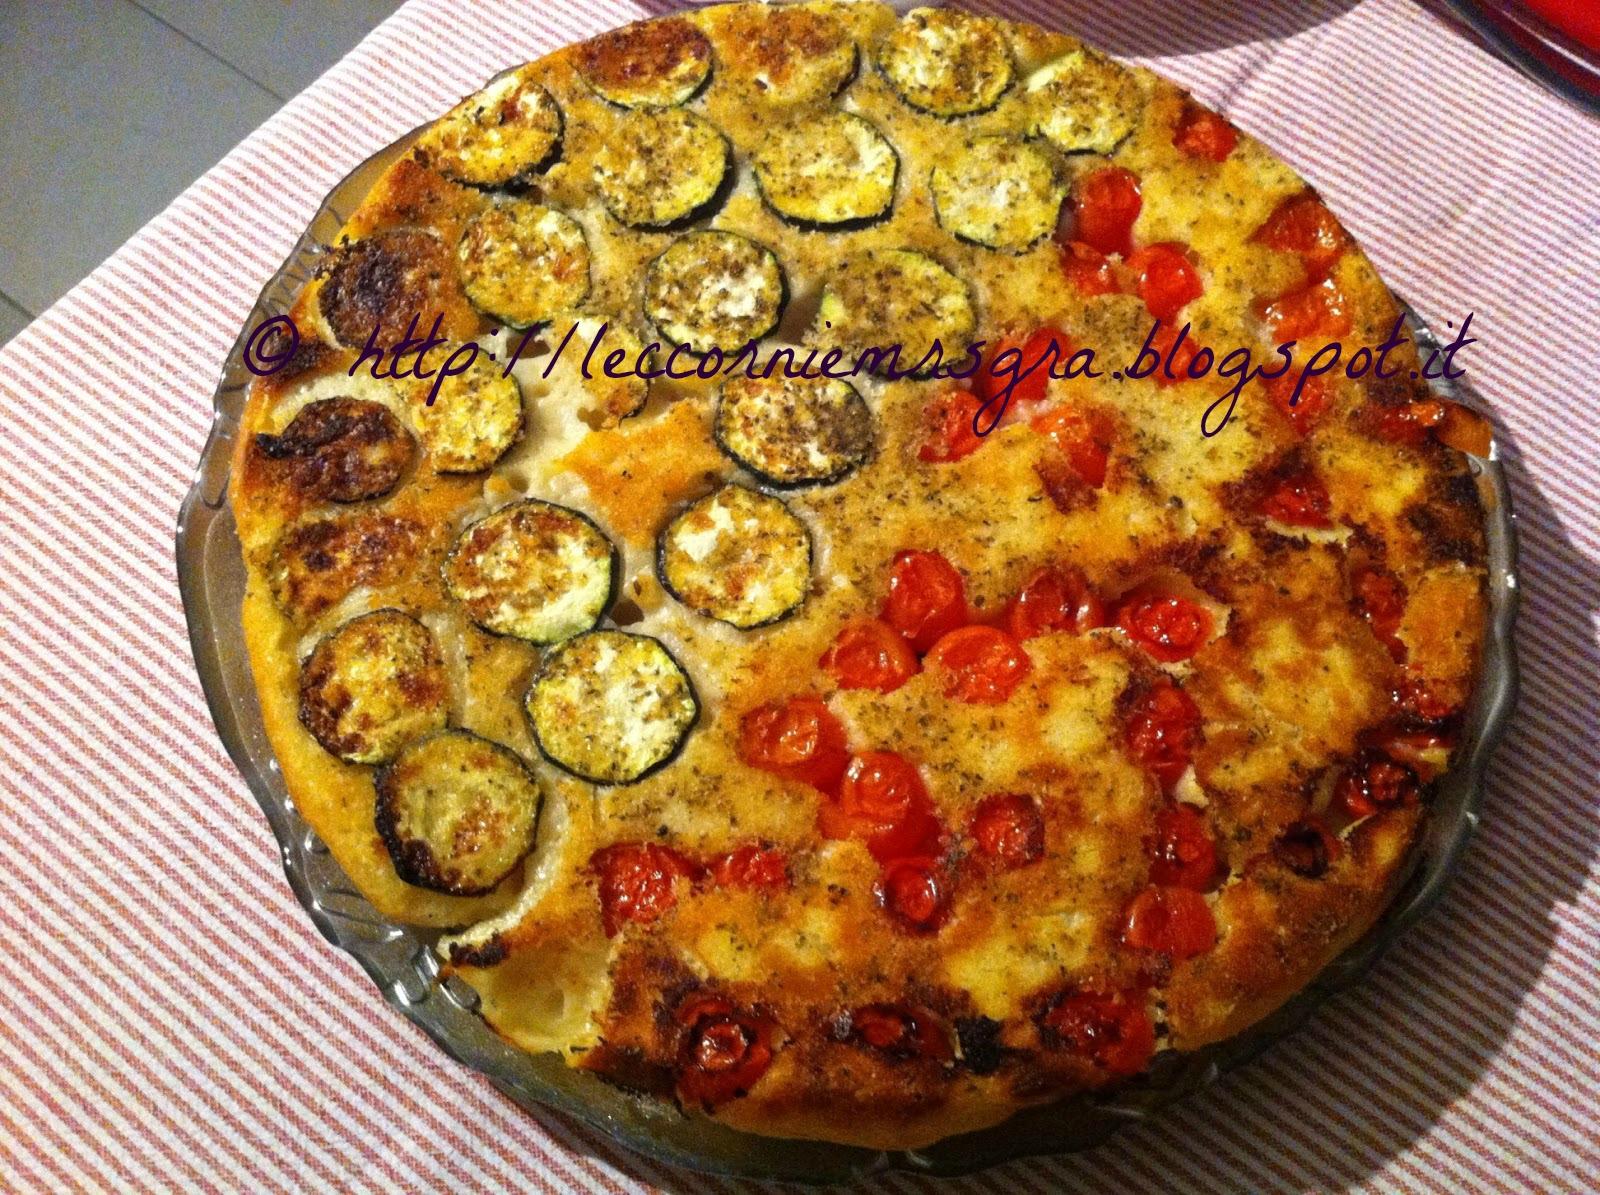 le leccornie di mrs gra : focaccia pugliese rovesciata con verdure ... - Creare Un Blog Di Cucina